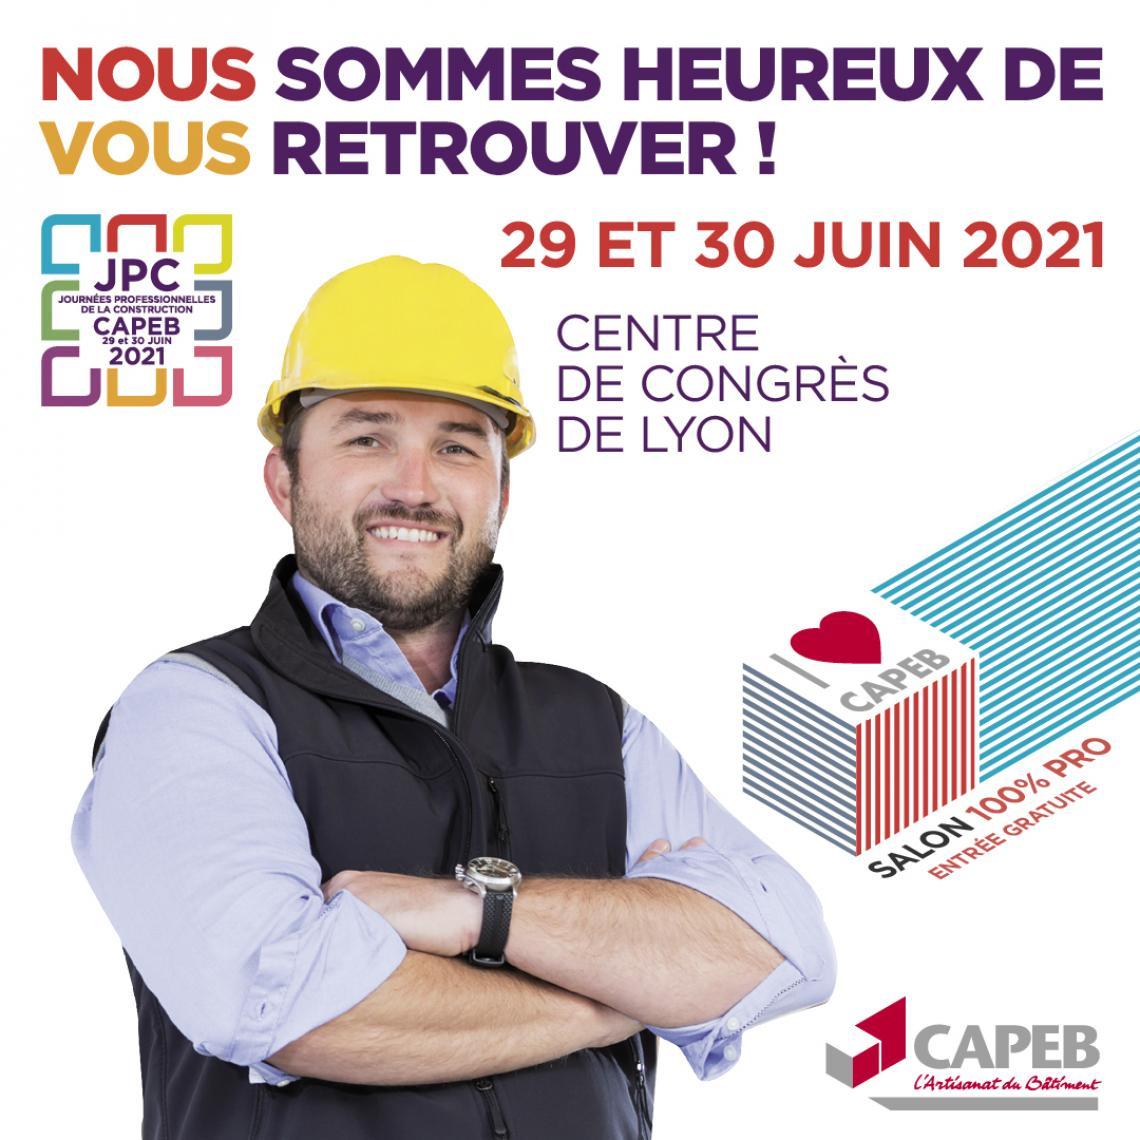 Les Journées Professionnelles de la Construction : la CAPEB vous attend les 29 et 30 juin 2021 à Lyon 👷 6